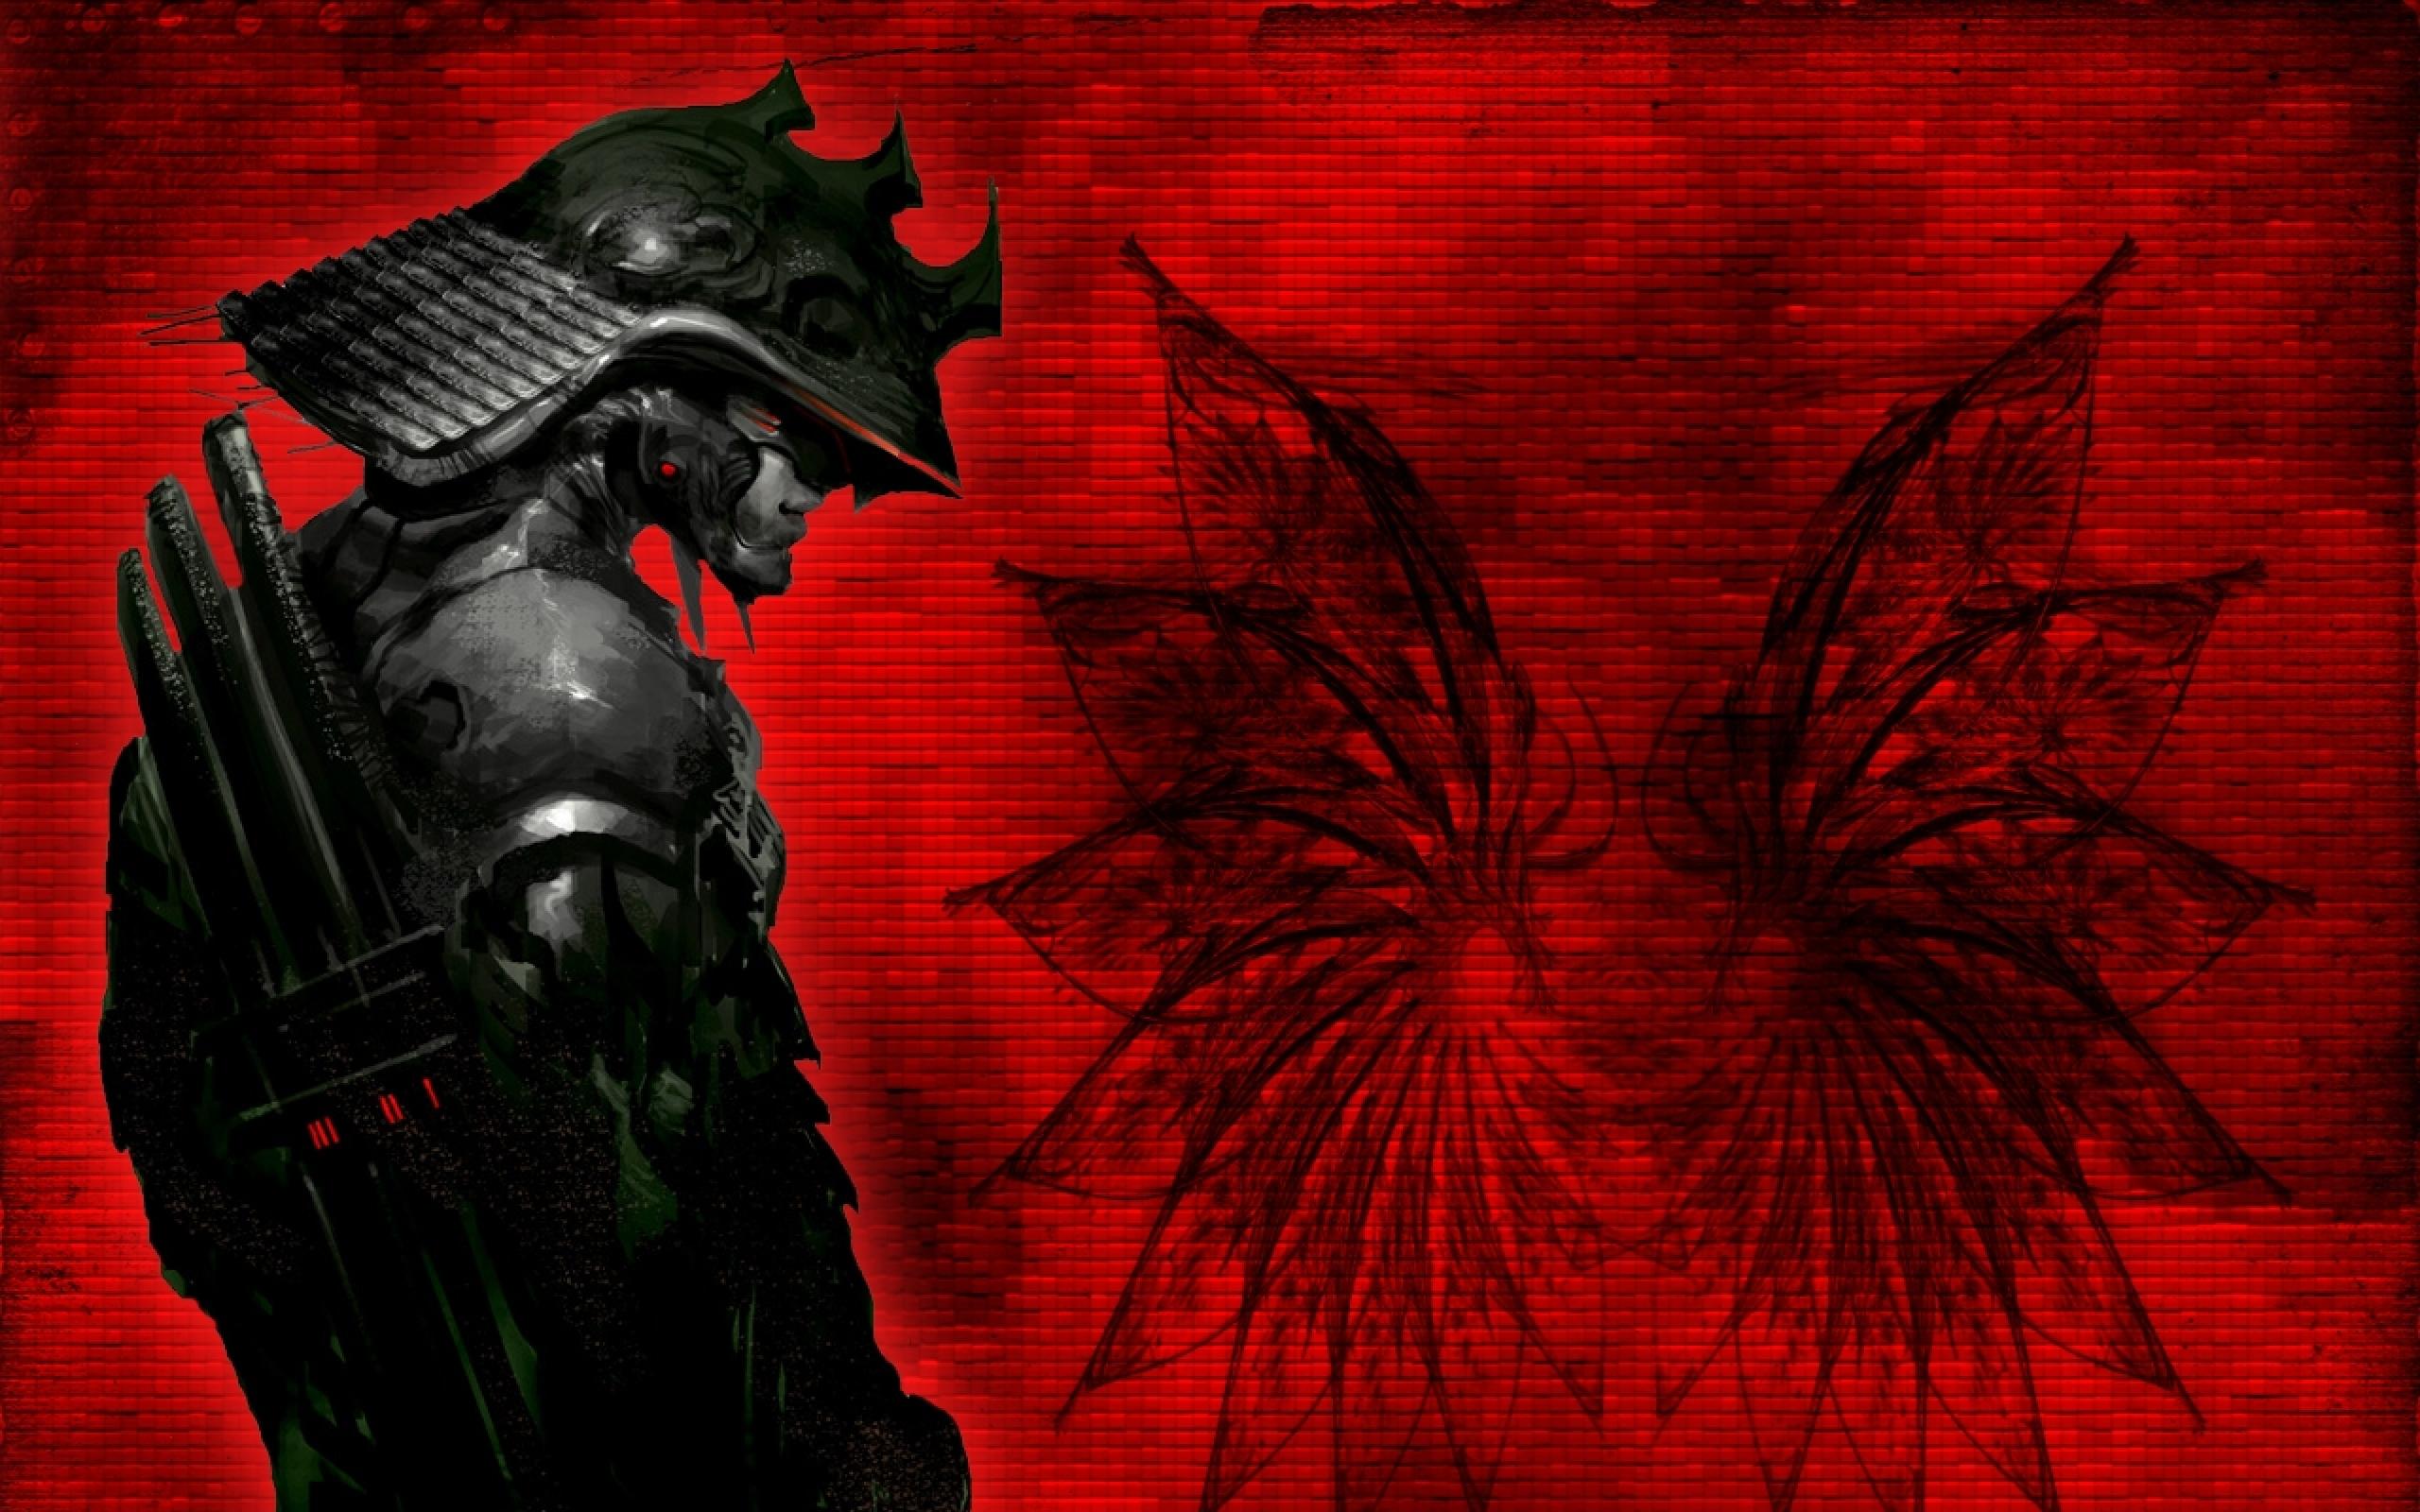 Fantasy Samurai 2560x1600